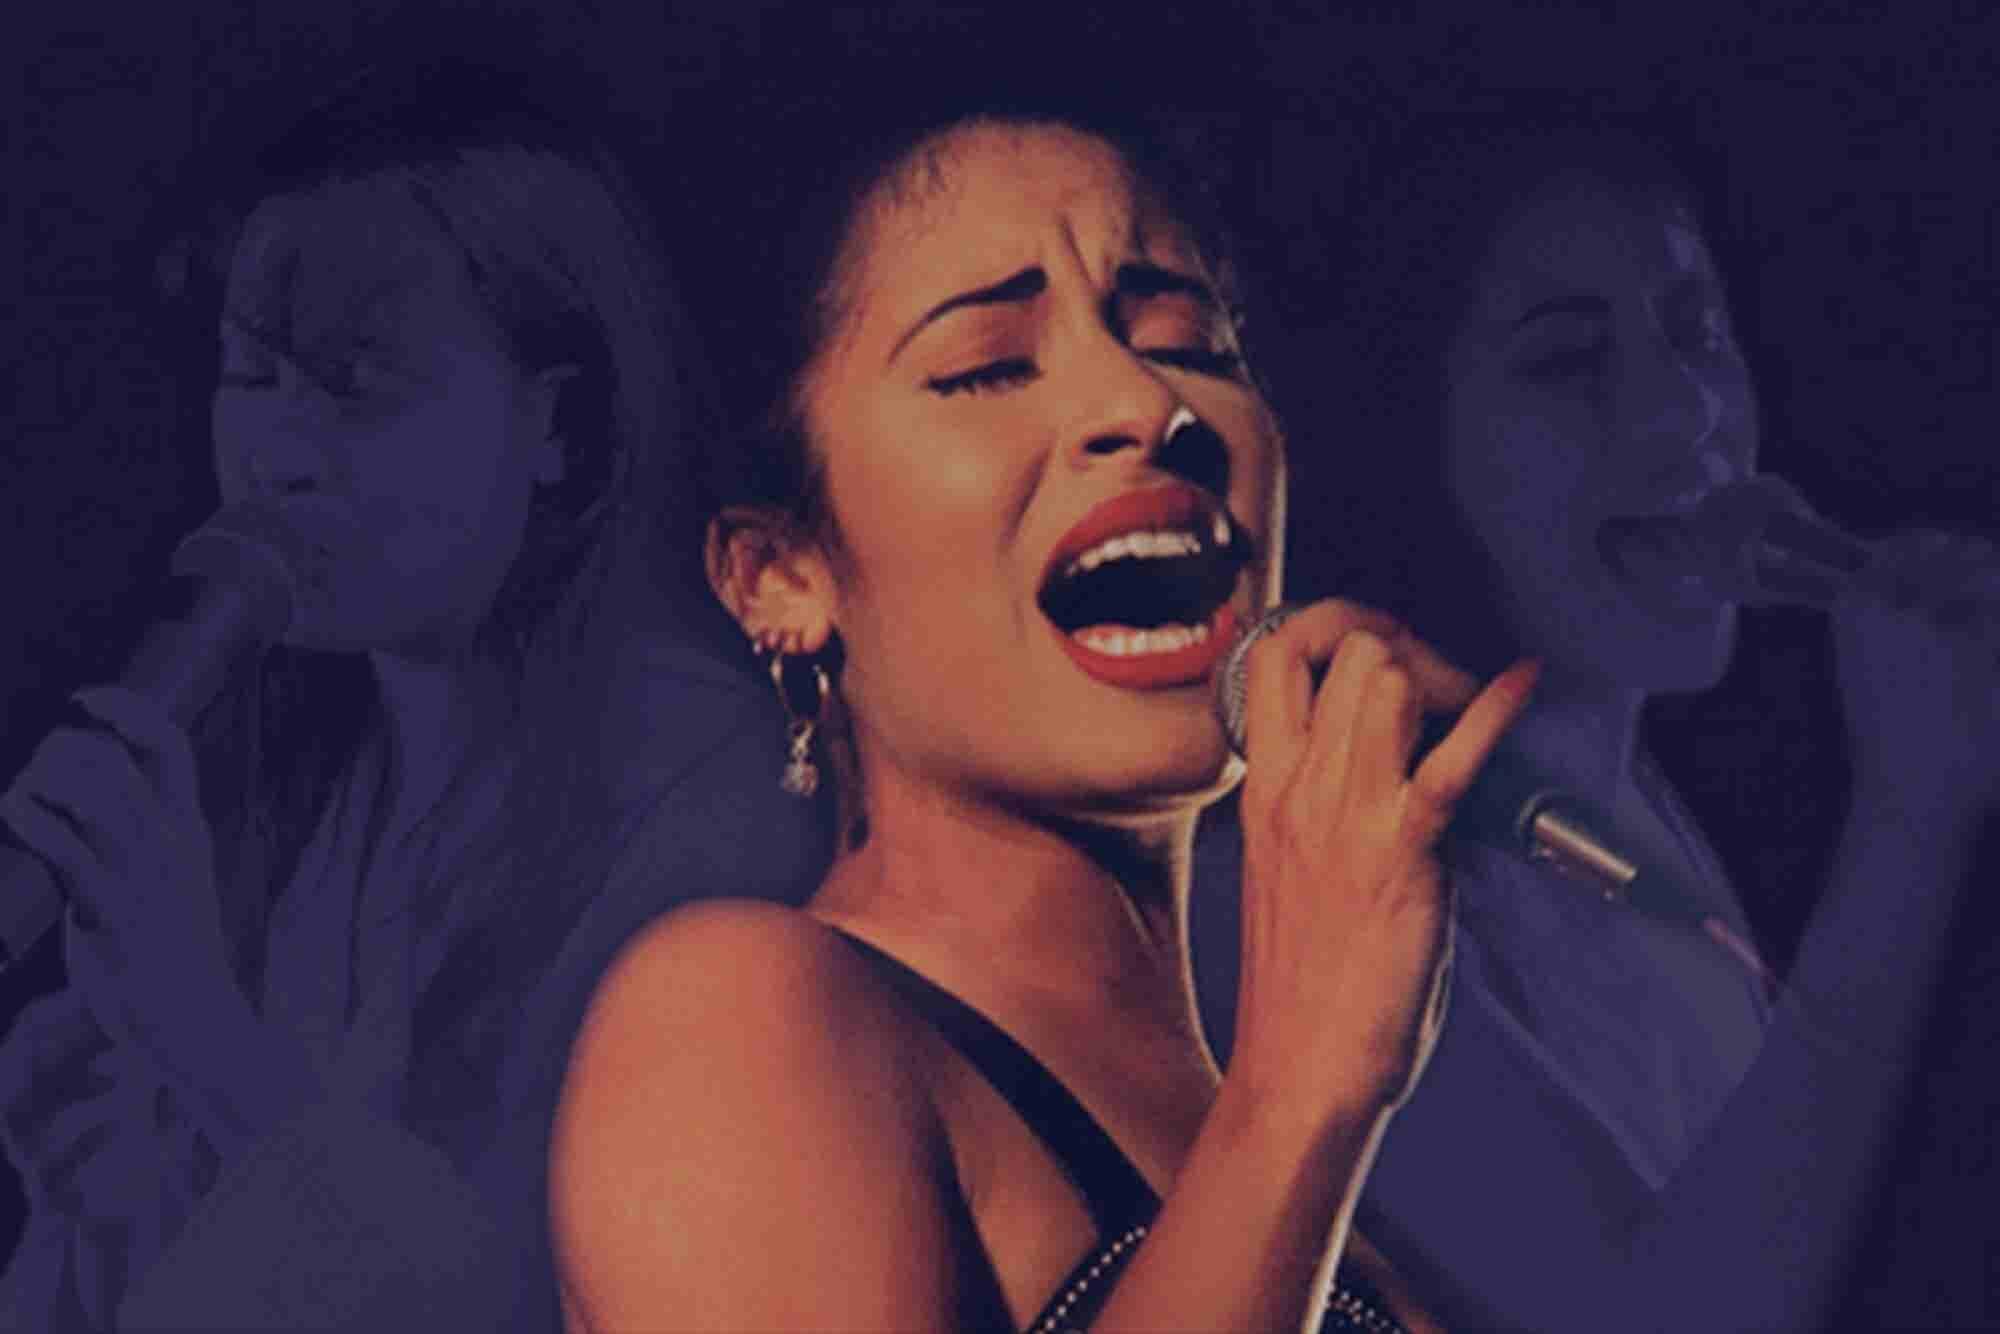 Selena, Resurrected Via Hologram, Is Slated to Kick Off a 2018 Tour